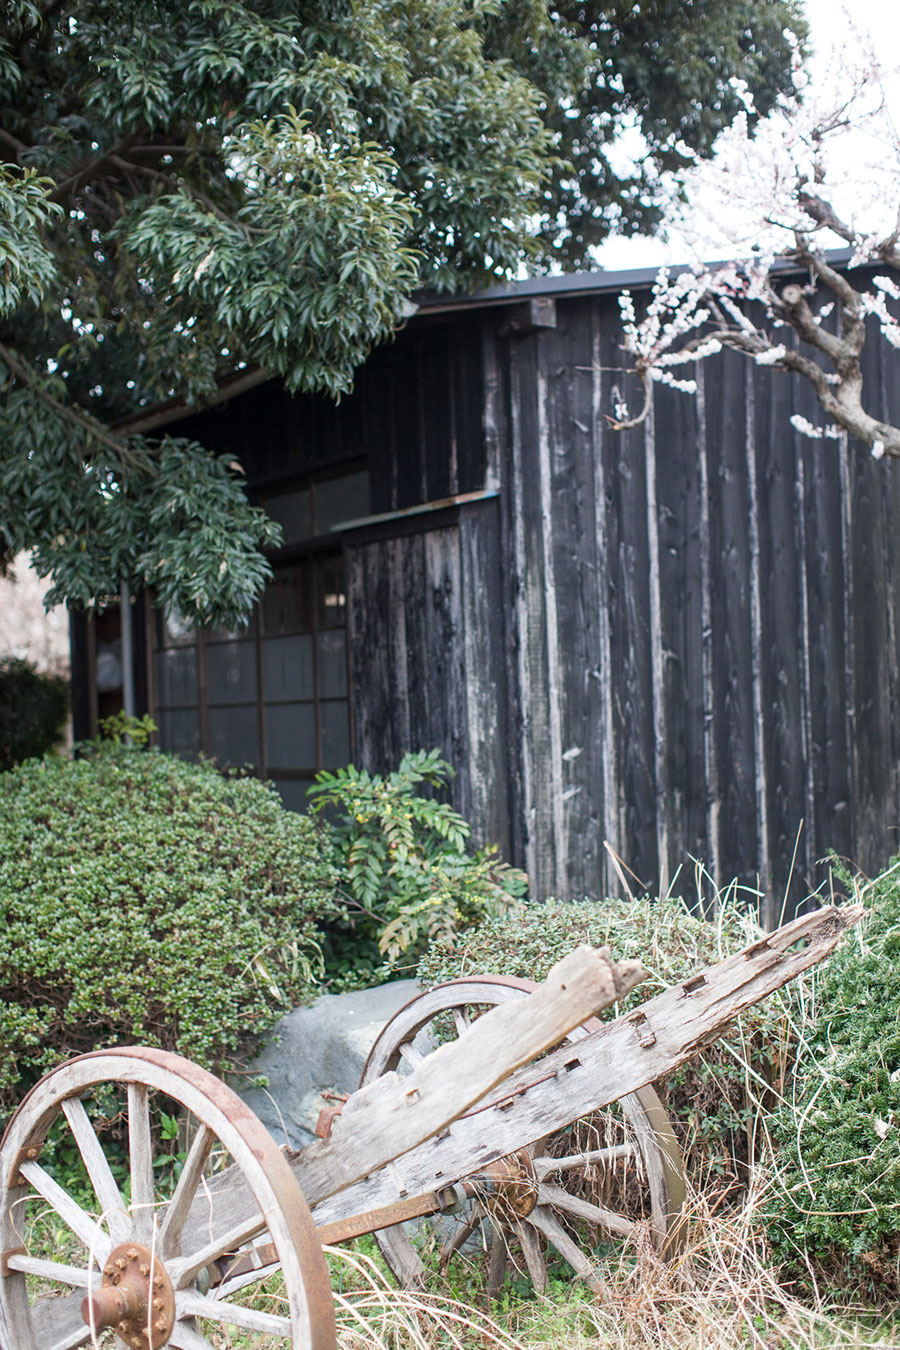 囲炉裏のある部屋の板塀を黒く塗装した。手前は牛の荷車の一部。